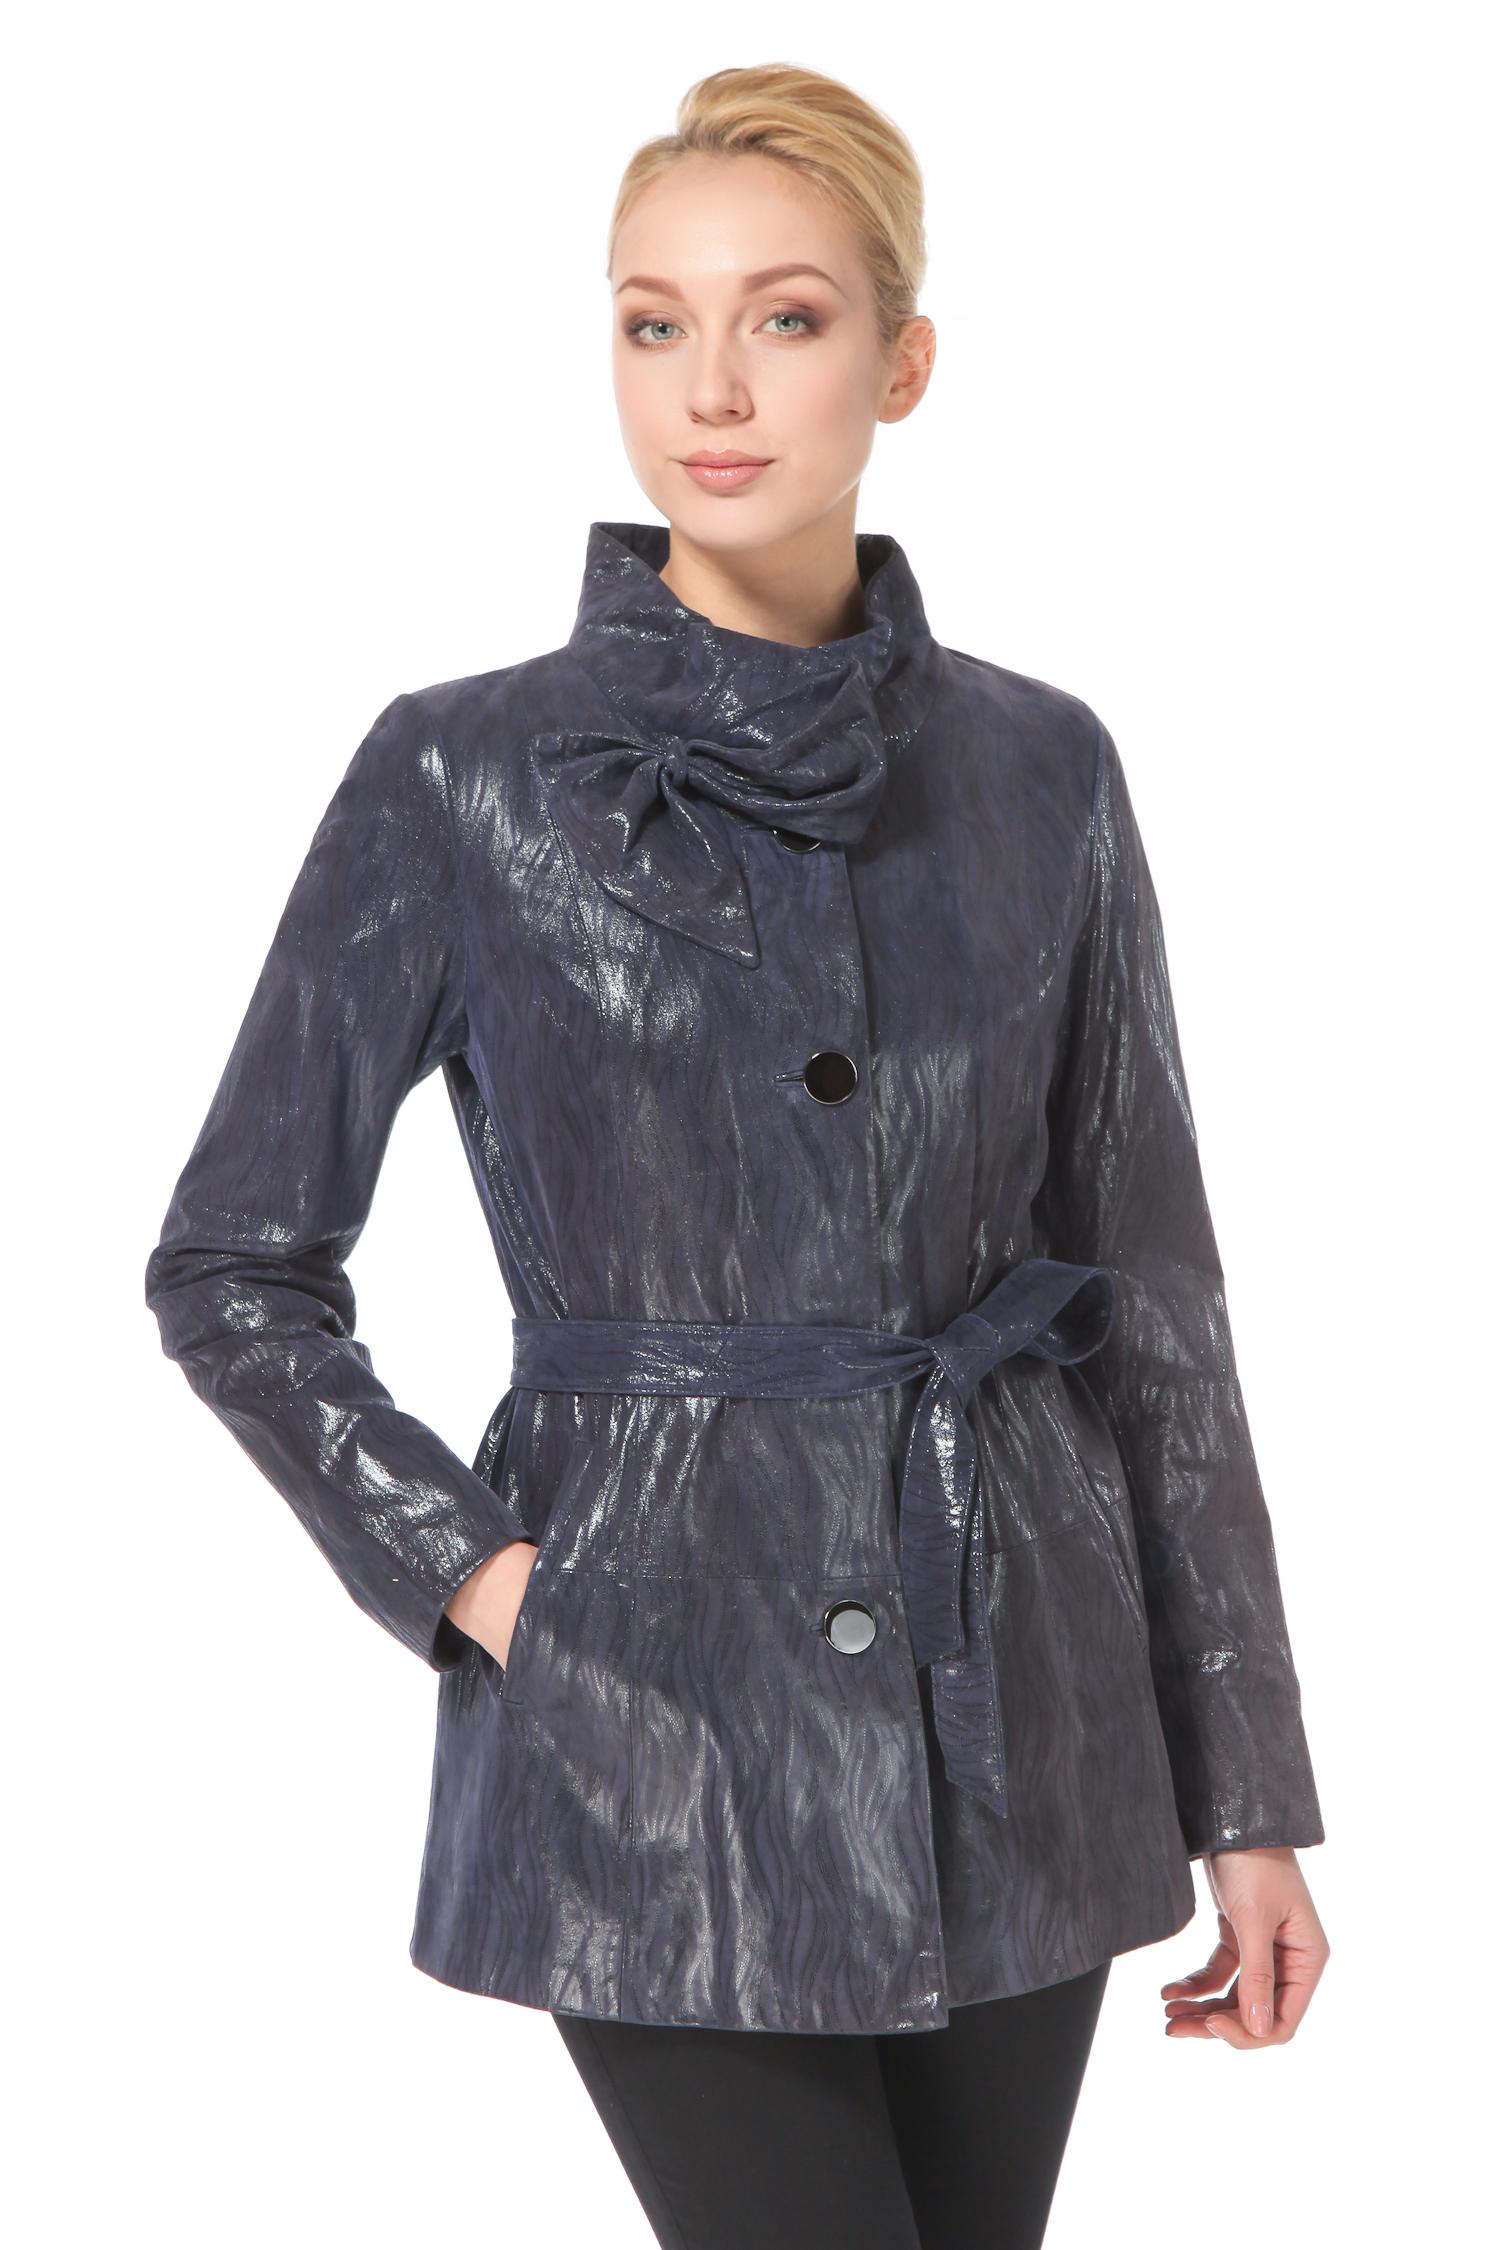 Женская кожаная куртка из натуральной замши (с накатом) с воротником, без отделкиЦвет  темно-синий авантюрин.<br><br>Глубокий цвет модели  темно-синий авантюрин  придает образу скрытую чувственность. Модель средней длины, в меру стильная и романтичная, удачно подчеркивает пропорции фигуры. Мягкий воротник-стойка и сложный оттенок синей гаммы делают образ очень женственным. Изюминкой модели является кокетливый декор в виде изящного банта. Мягкий пояс в тон изделия придает силуэту женственность, акцентируя внимание на элегантной линии бедра, одинаково безупречно она смотрится и без этого аксессуара. Крупные пуговицы добавляют образу выразительность, одновременно визуально вытягивая силуэт. Хотите разнообразить строгий гардероб чем-то не кричащим, но необычным? Тогда эта модель  именно то, что нужно.<br><br>Воротник: стойка<br>Длина см: Средняя (75-89 )<br>Материал: Замша<br>Цвет: синий<br>Вид застежки: центральная<br>Застежка: на пуговицы<br>Пол: Женский<br>Размер RU: 54